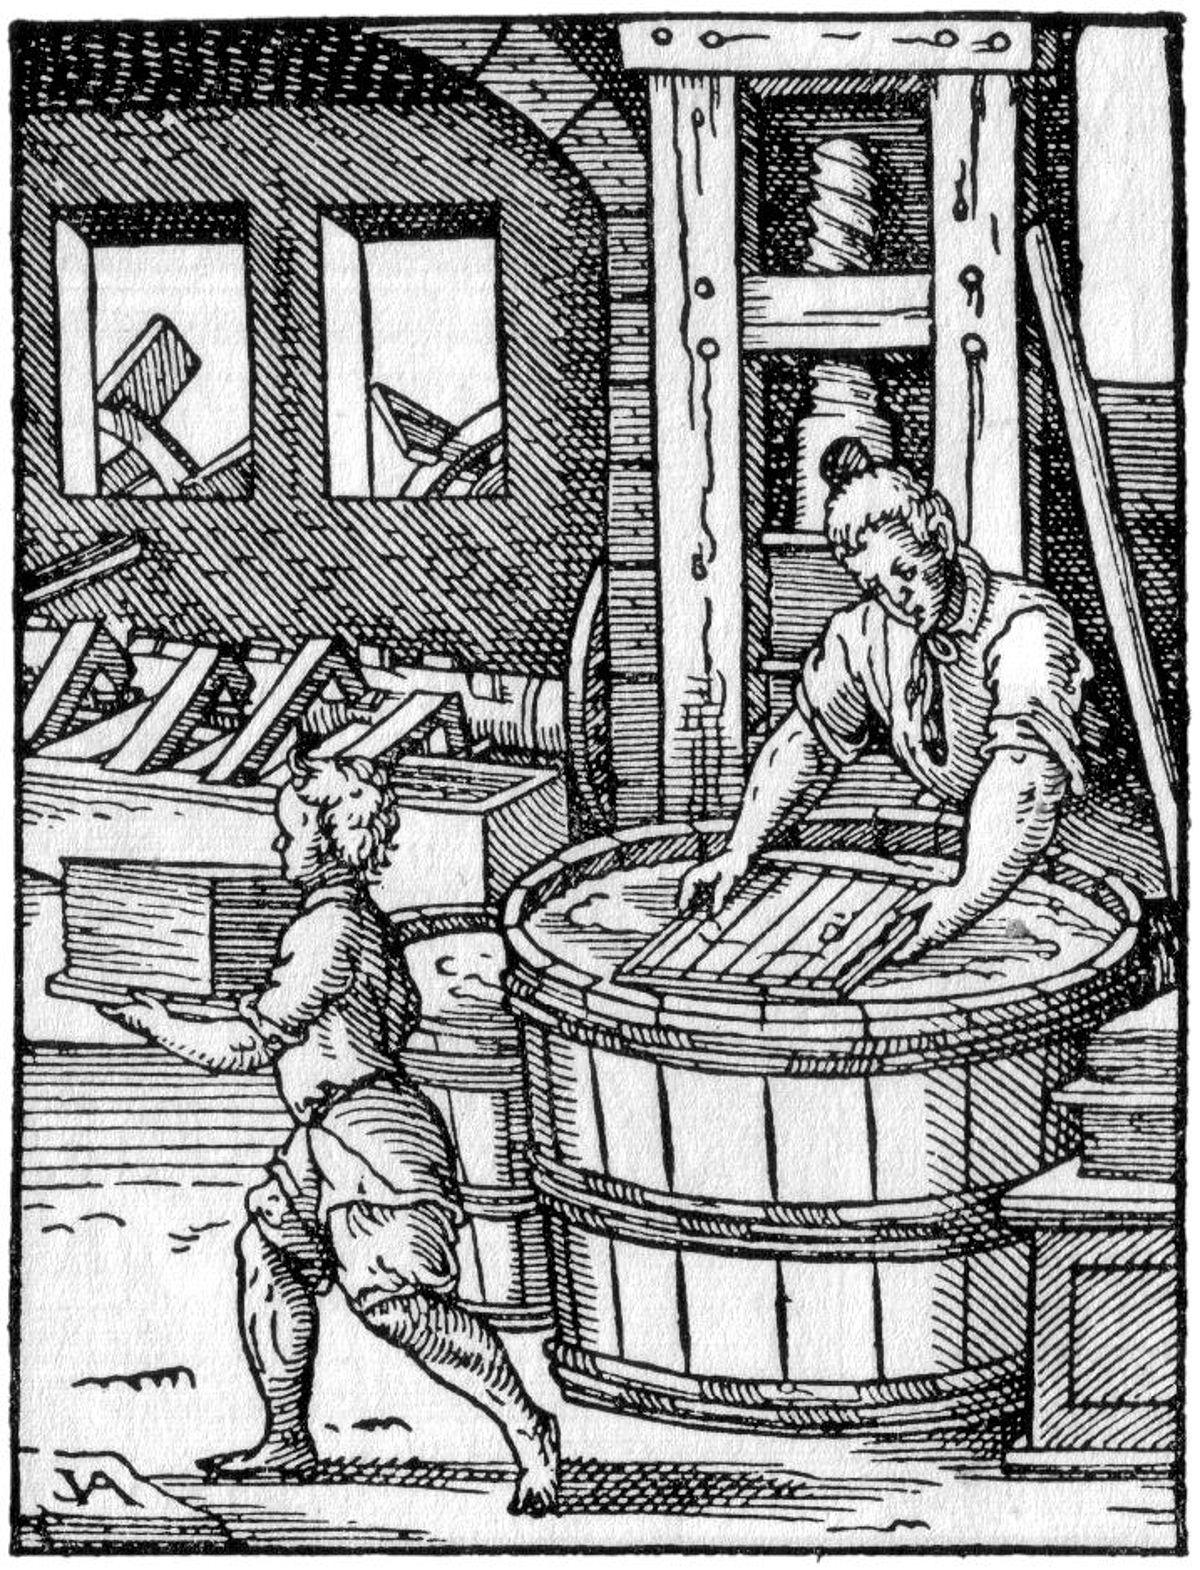 Papier - Alemannische Wikipedia - photo#29